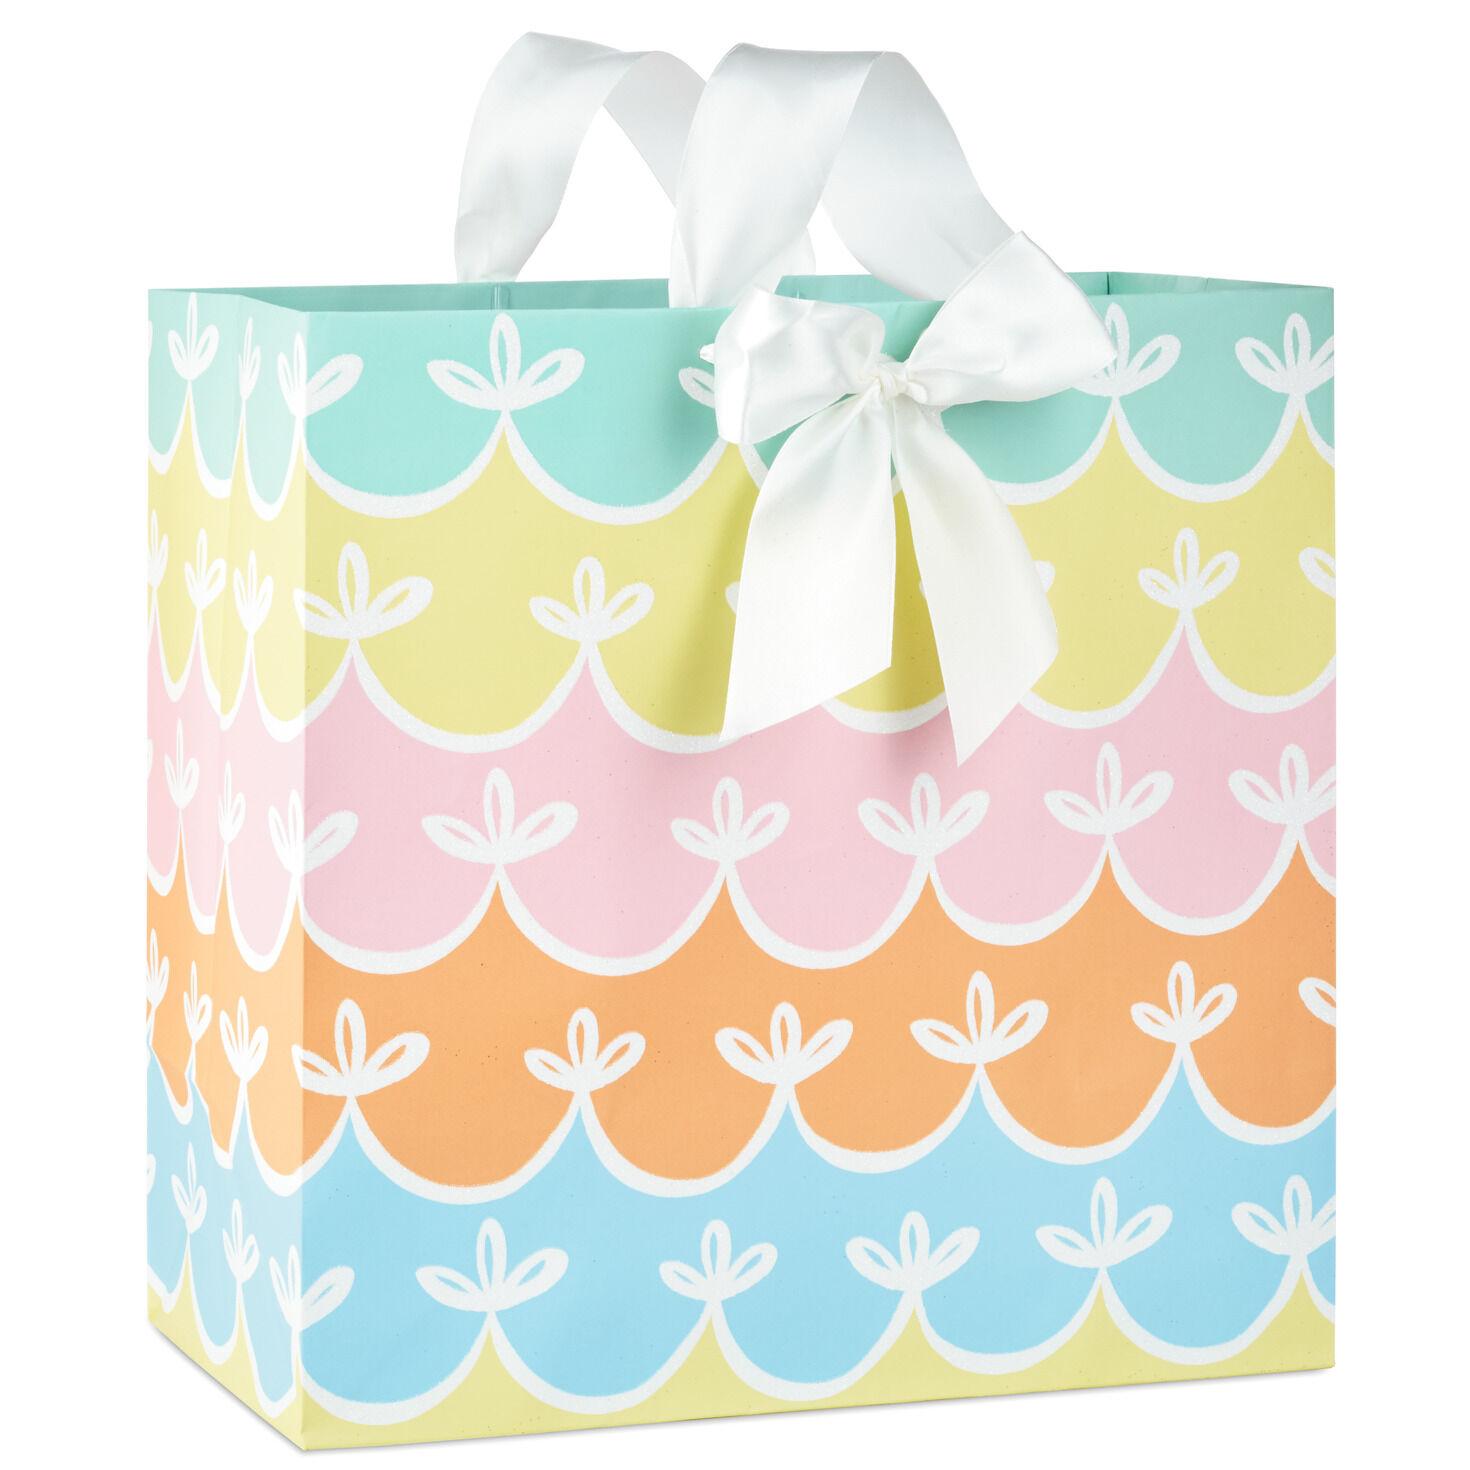 Gray /& Turquoise Choice Of Style Wedding Gift Bags Jumbo Size